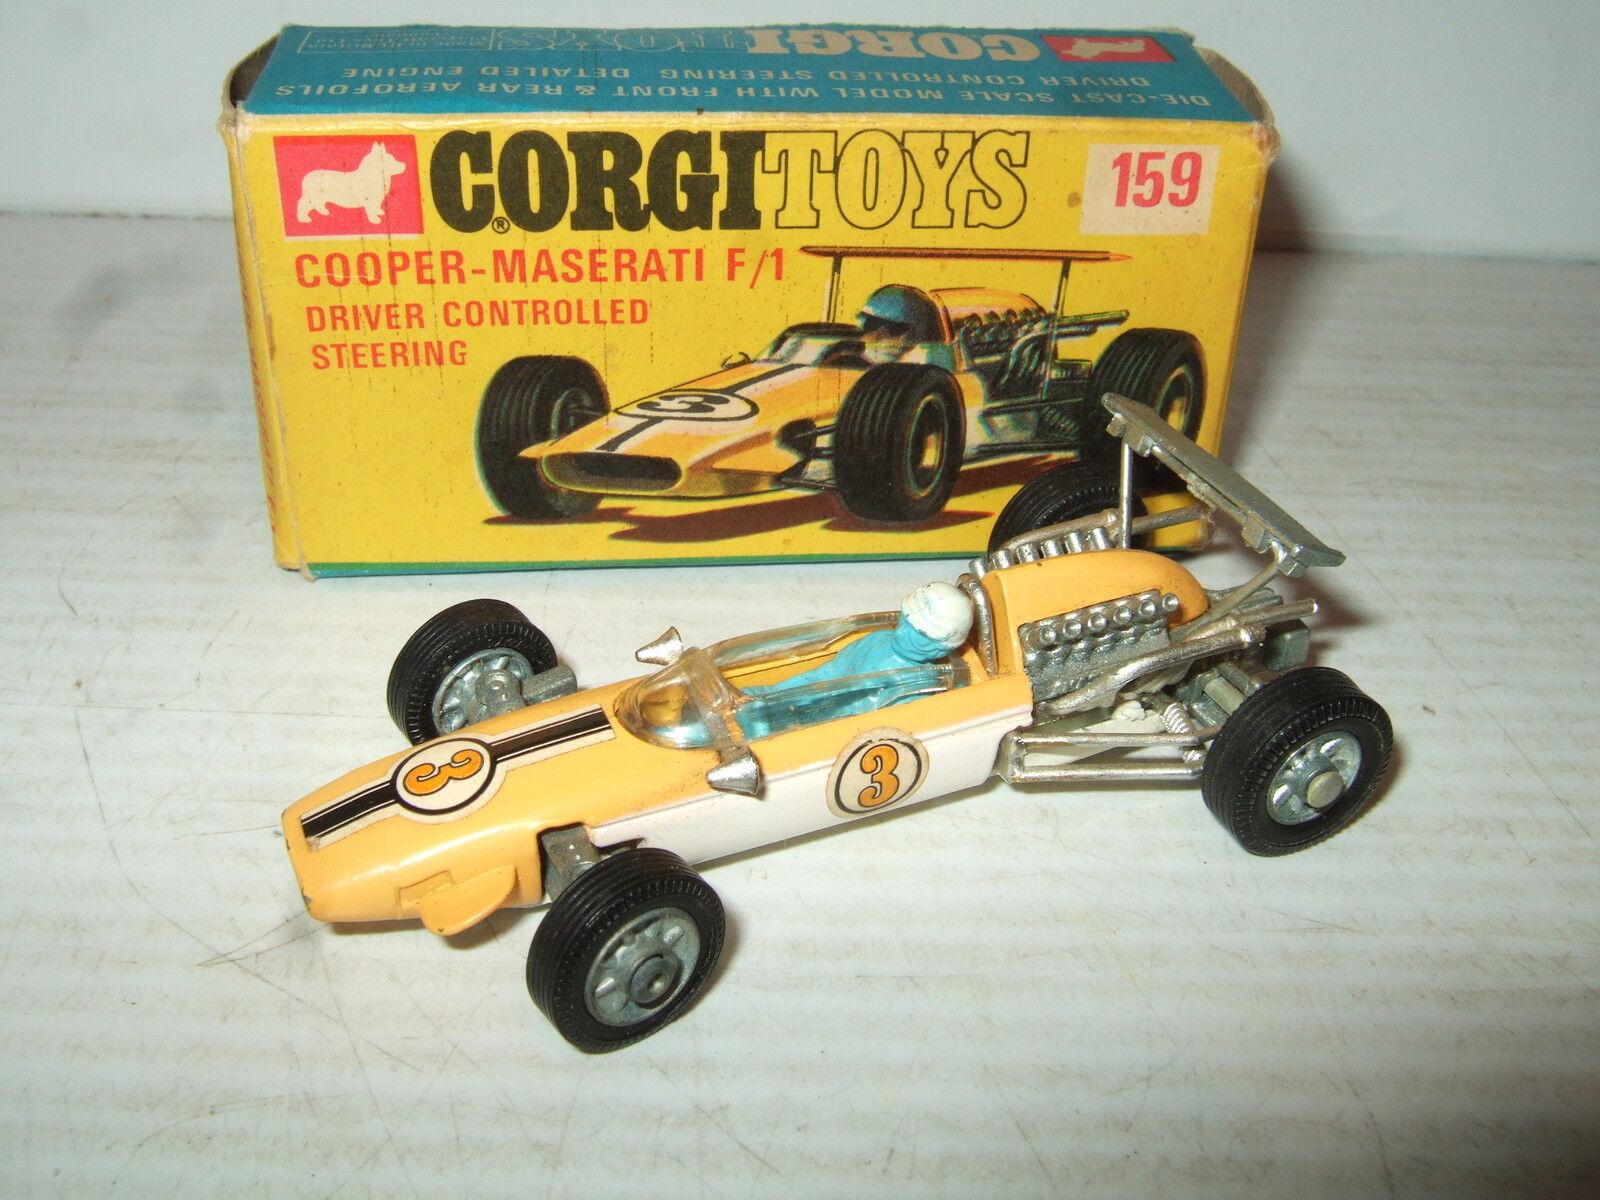 Rare Original Corgi 159 Cooper-Maserati F1 Model in Original Corgi Box .